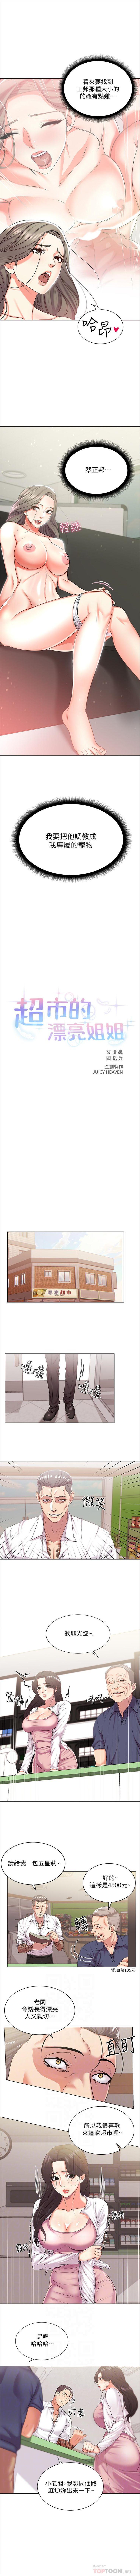 (週3)超市的漂亮姐姐 1-18 中文翻譯(更新中) 88